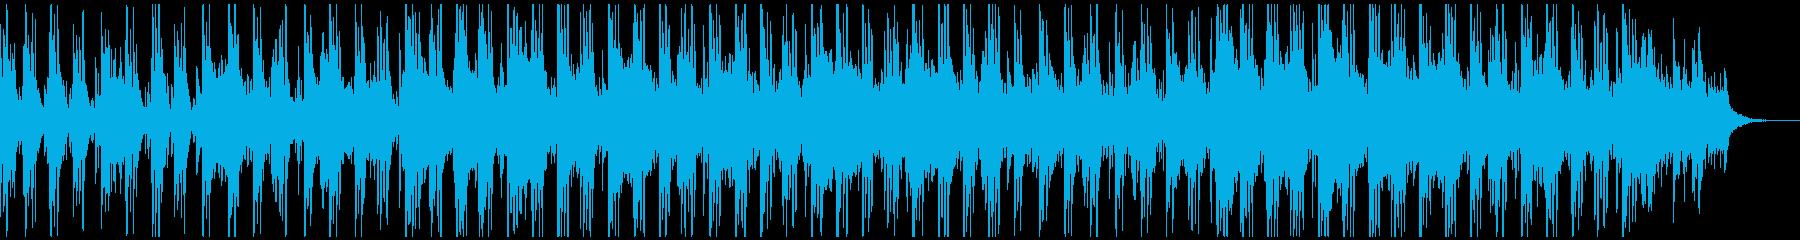 エスニック、砂漠、ミステリアスの再生済みの波形